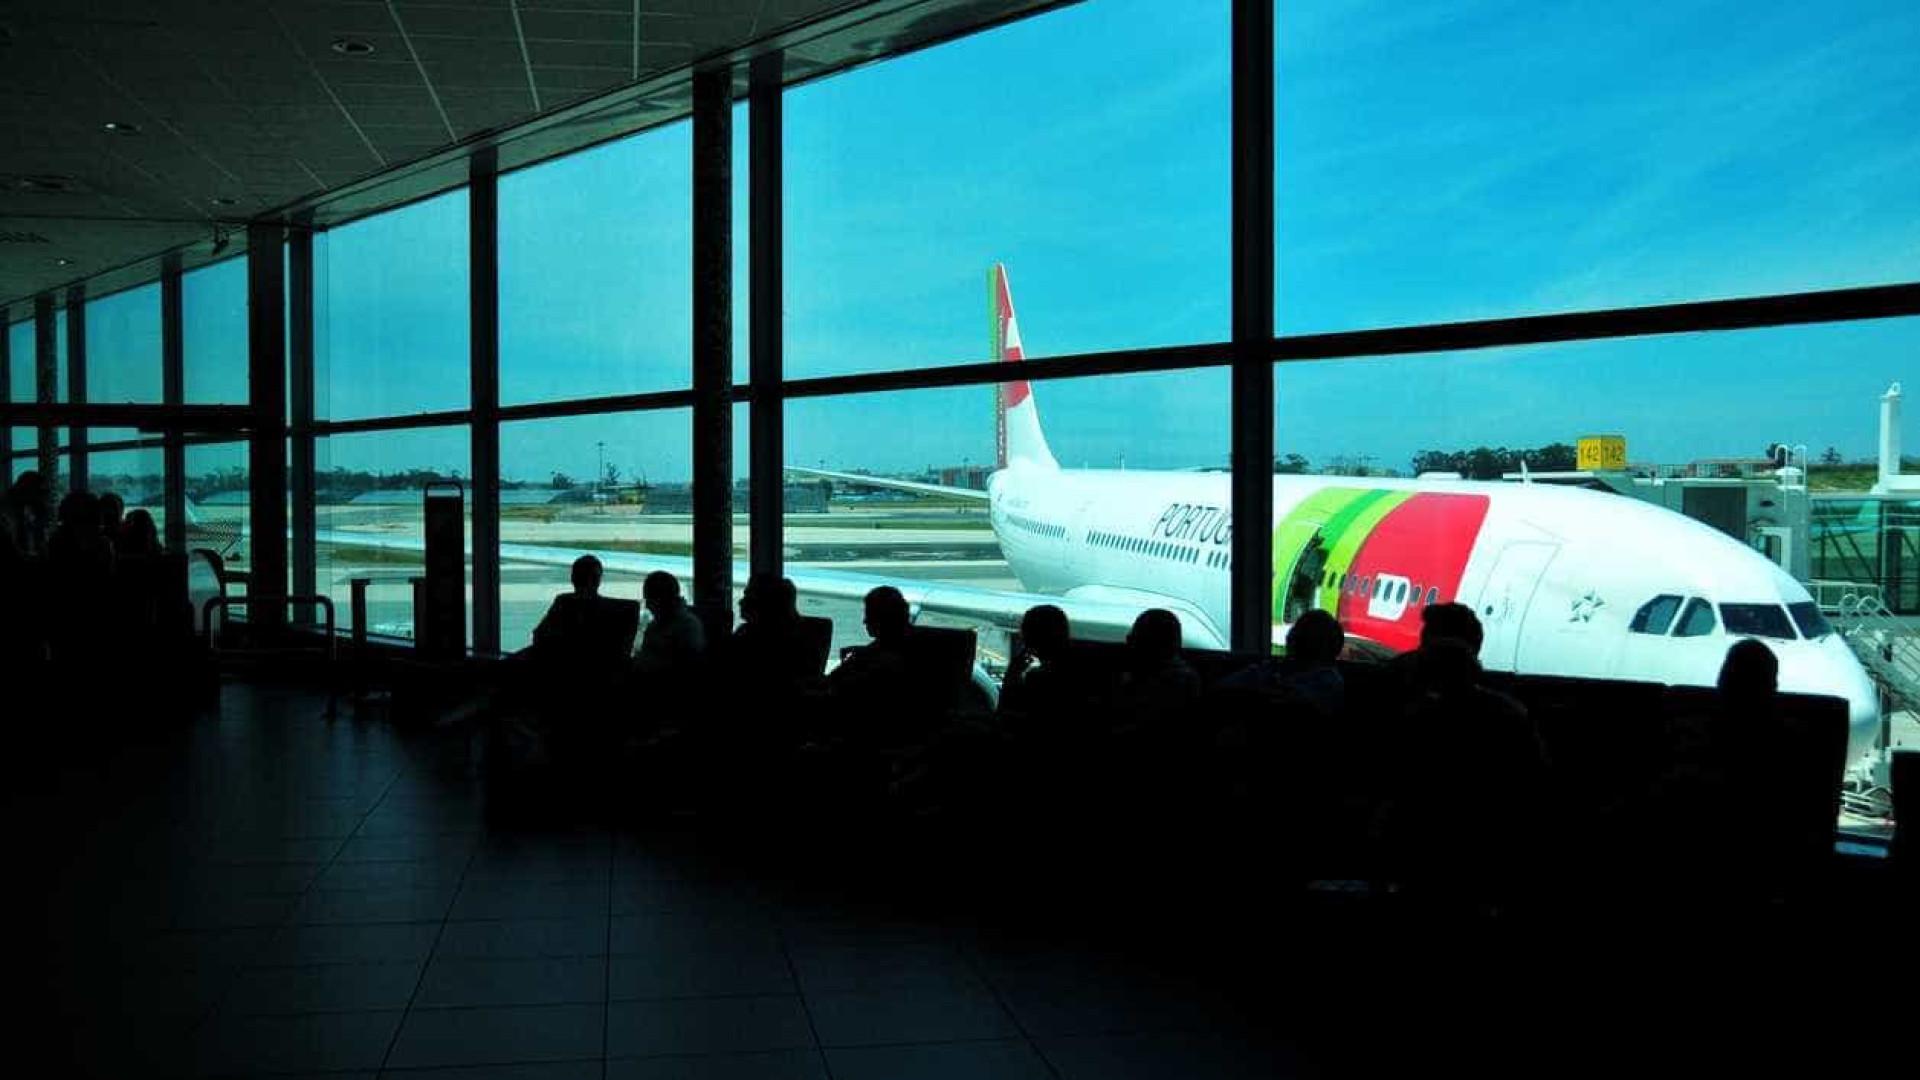 """TAP admite voar dos Açores para os EUA num prazo de """"dois, três anos"""""""